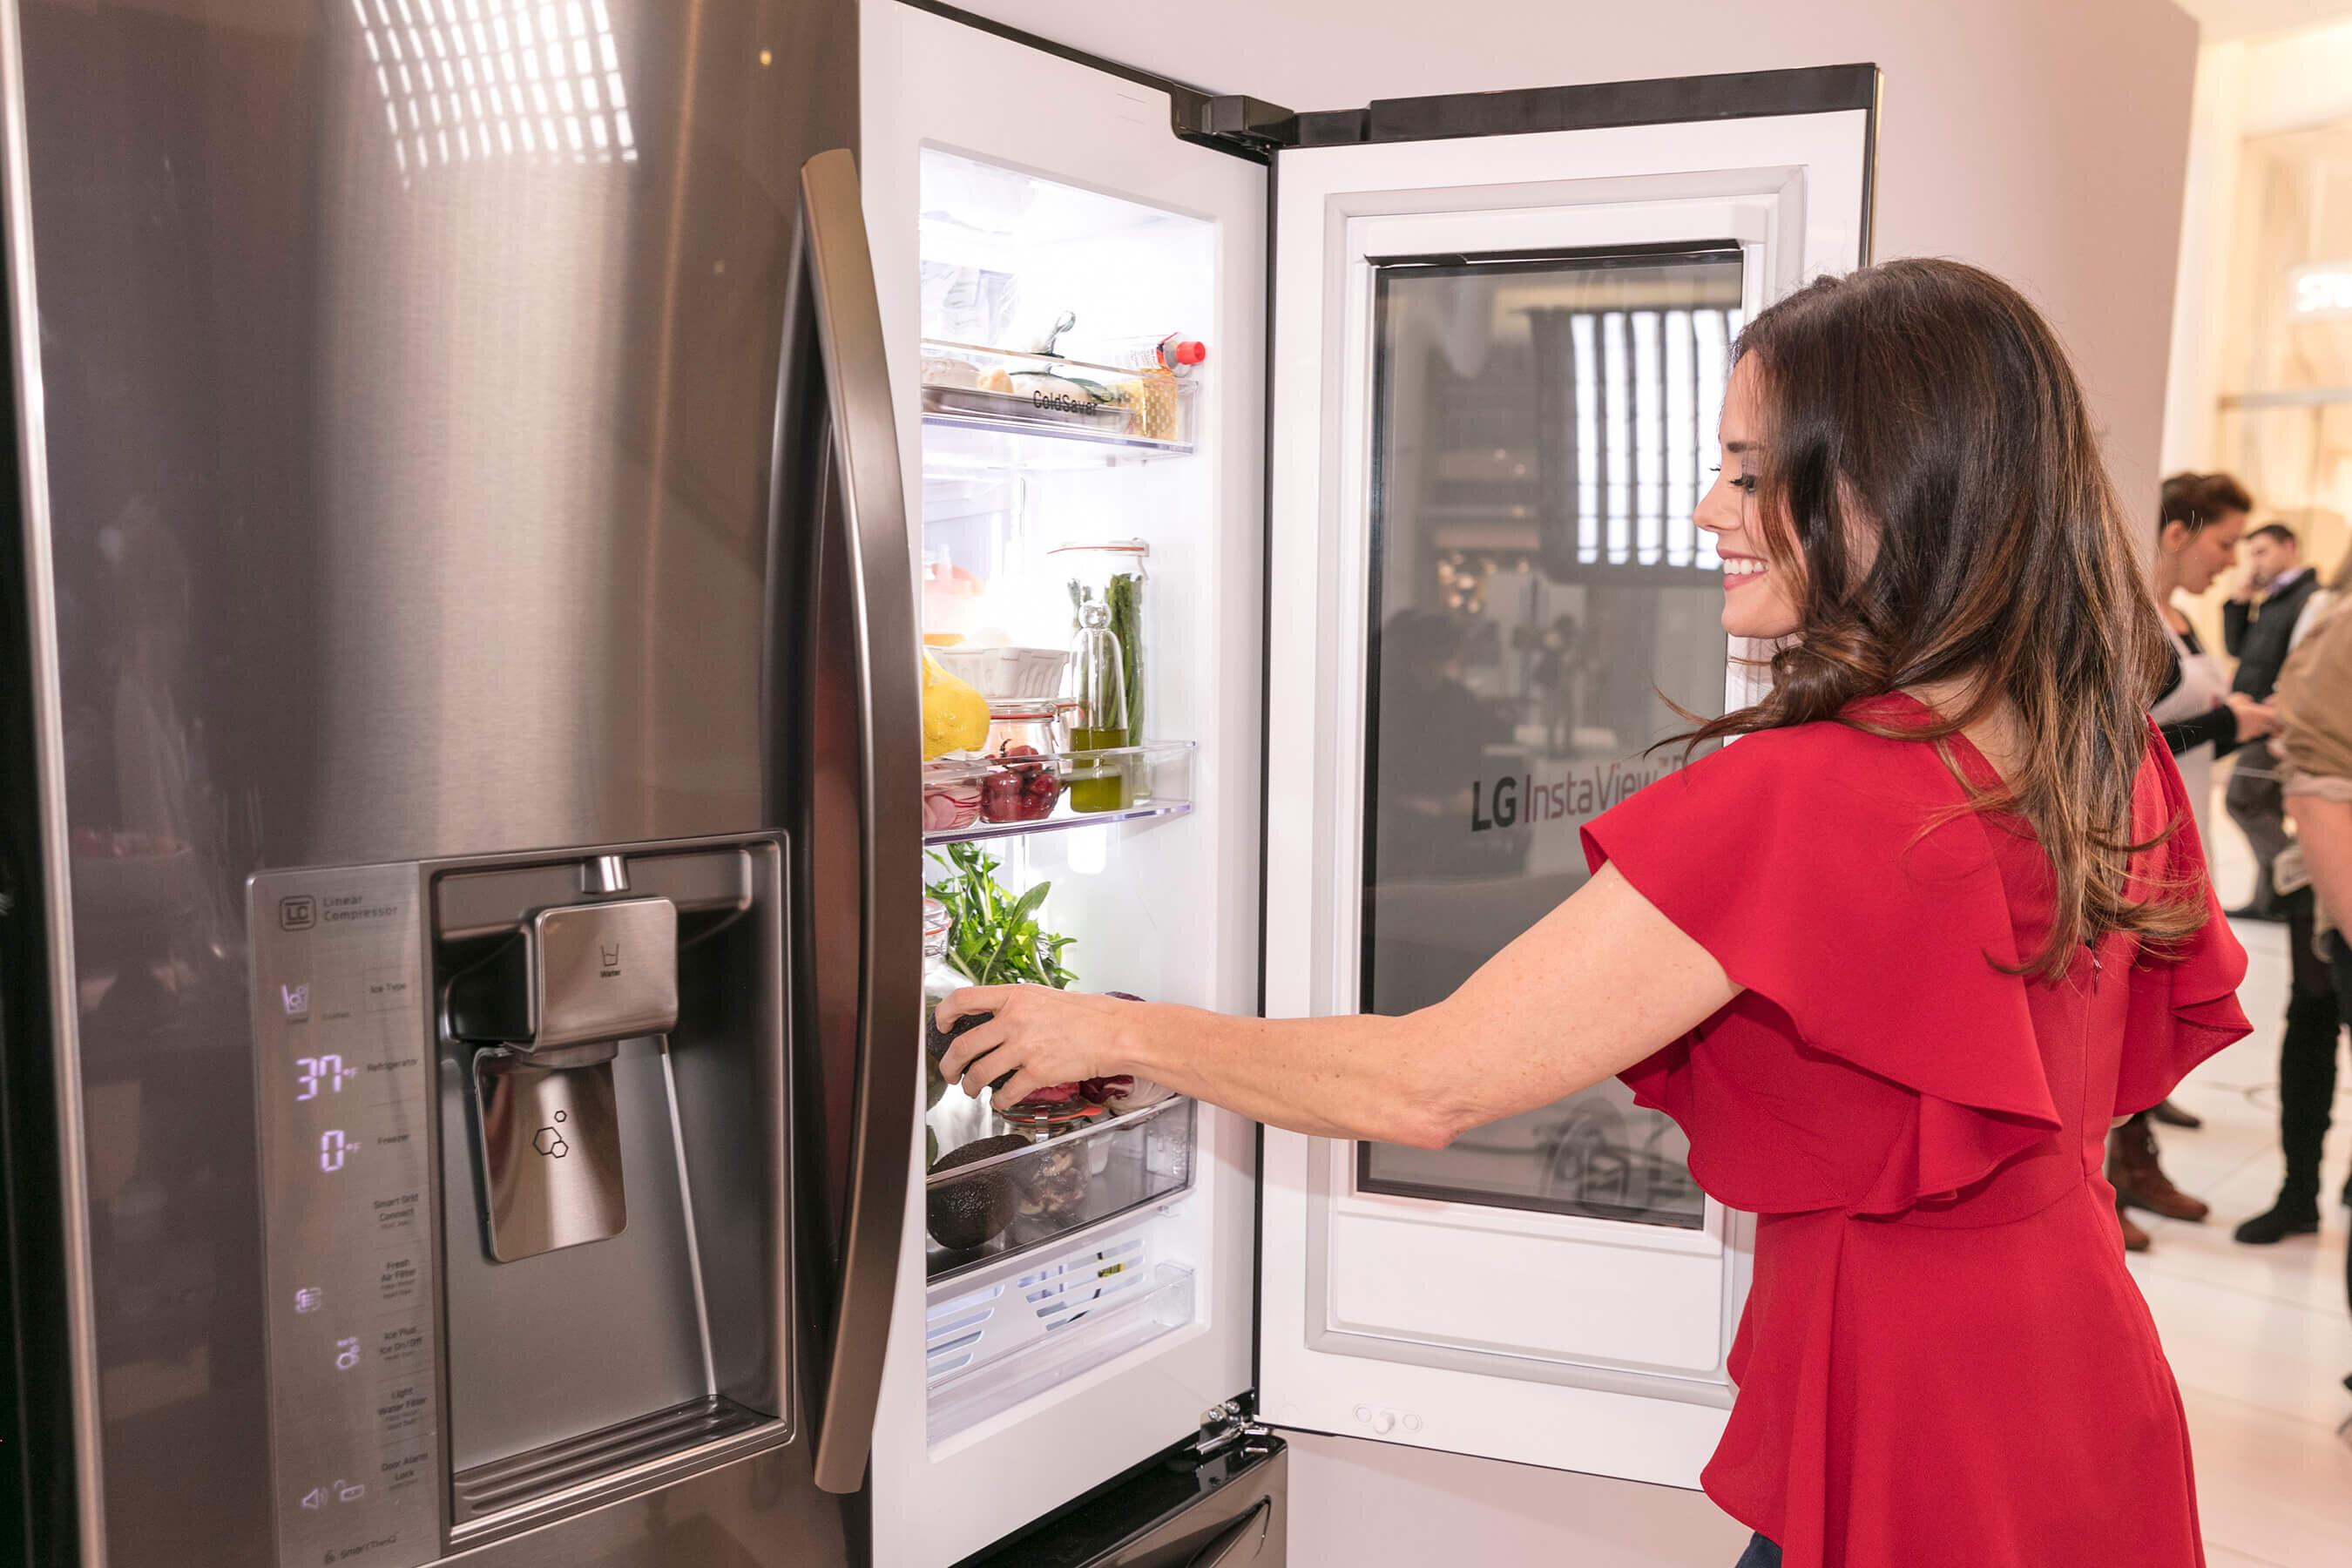 Cách sử dụng tủ lạnh Hitachi khá đơn giản với hệ thống nút cảm ứng tự động